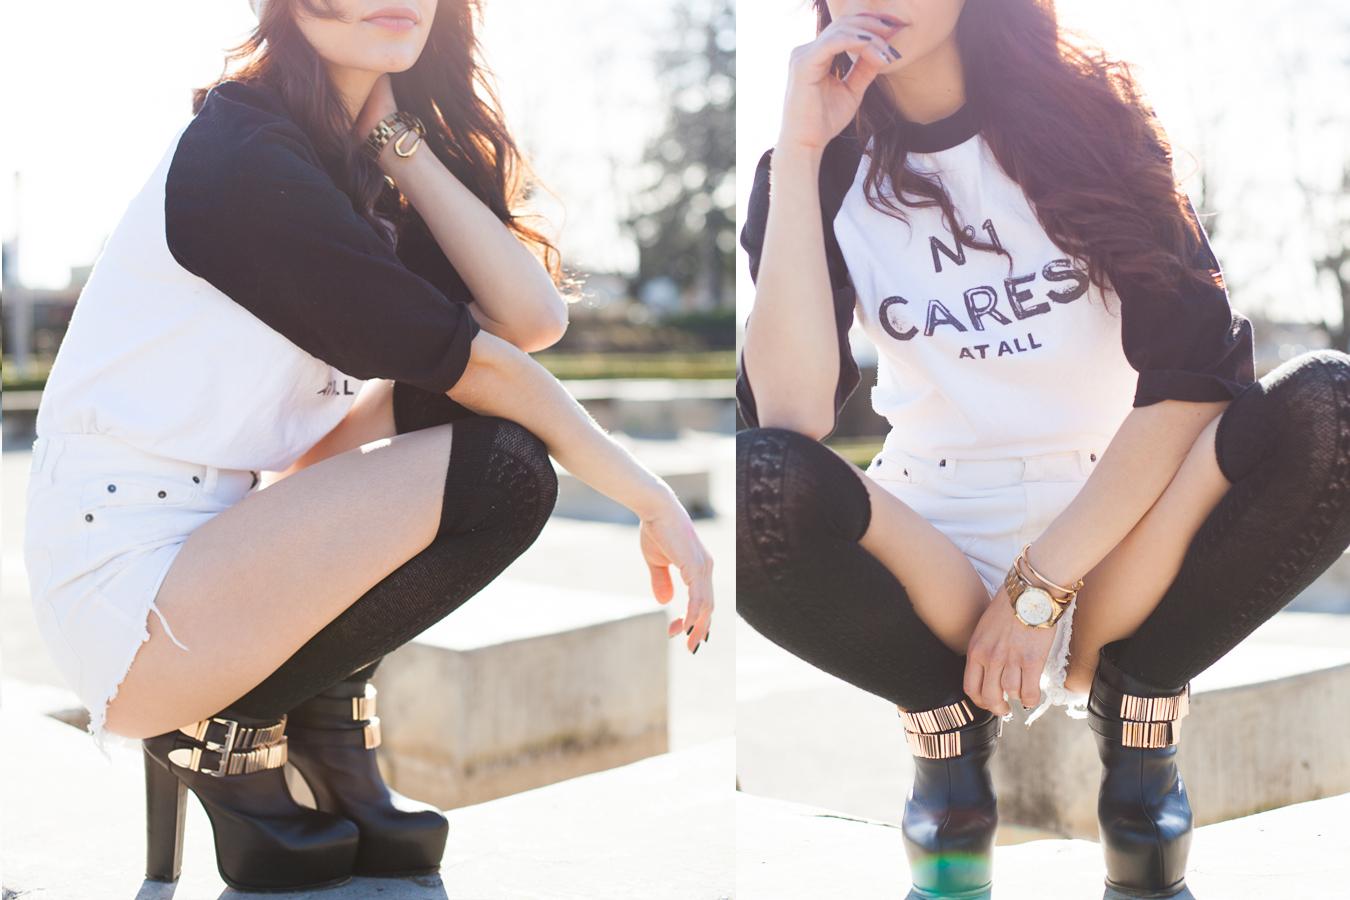 no1 care 04